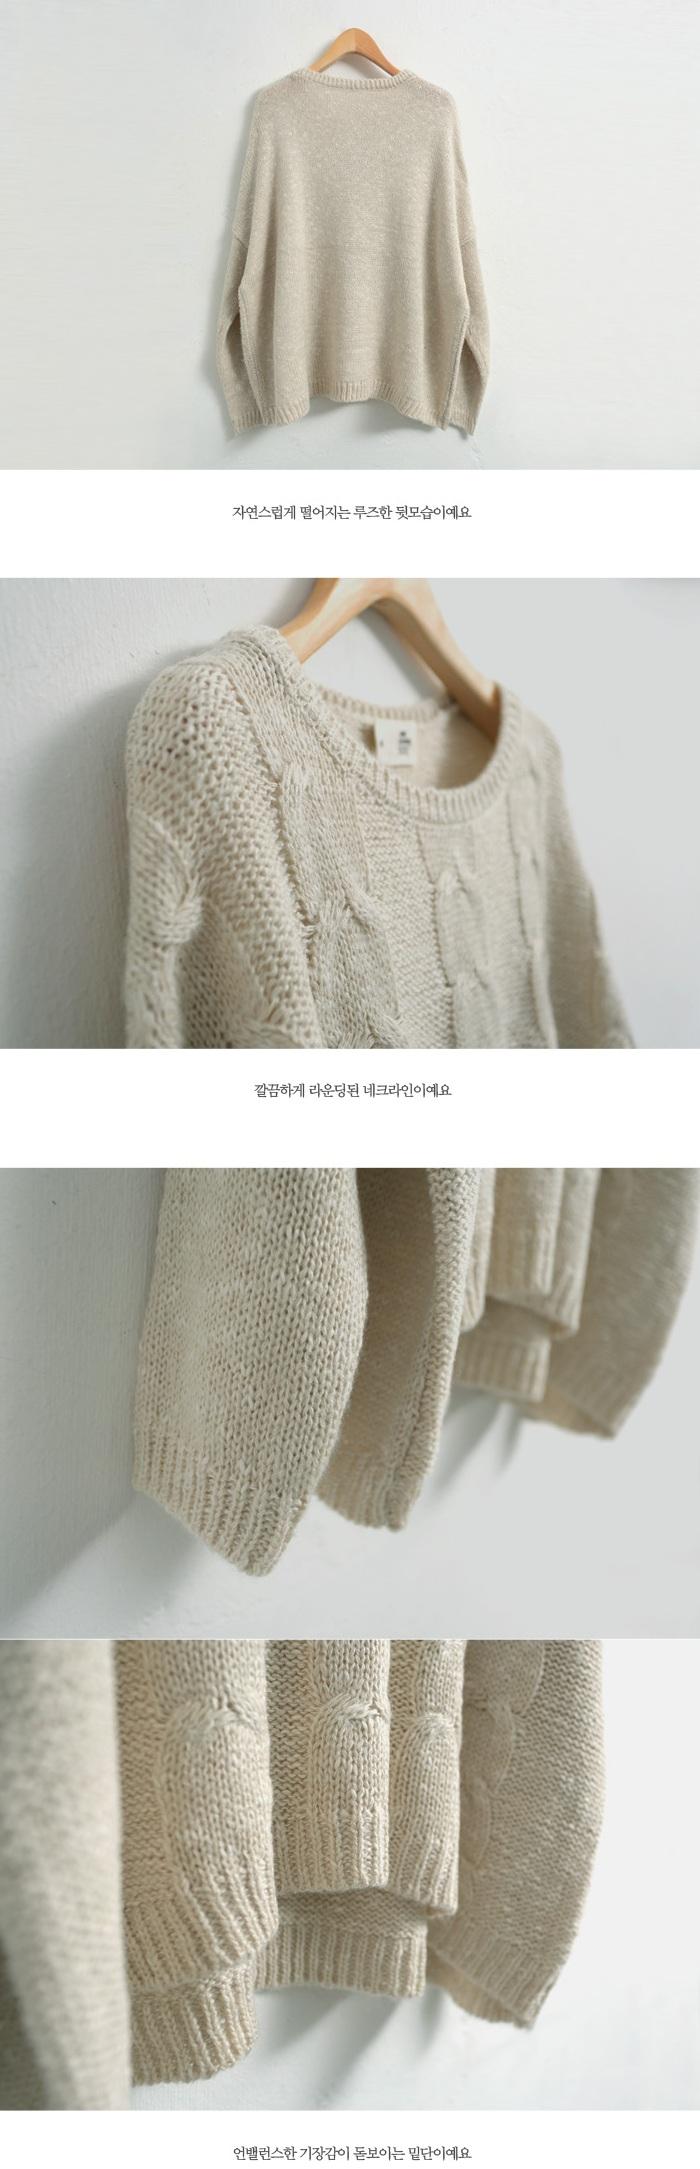 Ami - Macaroon Twist knit sweater - 2